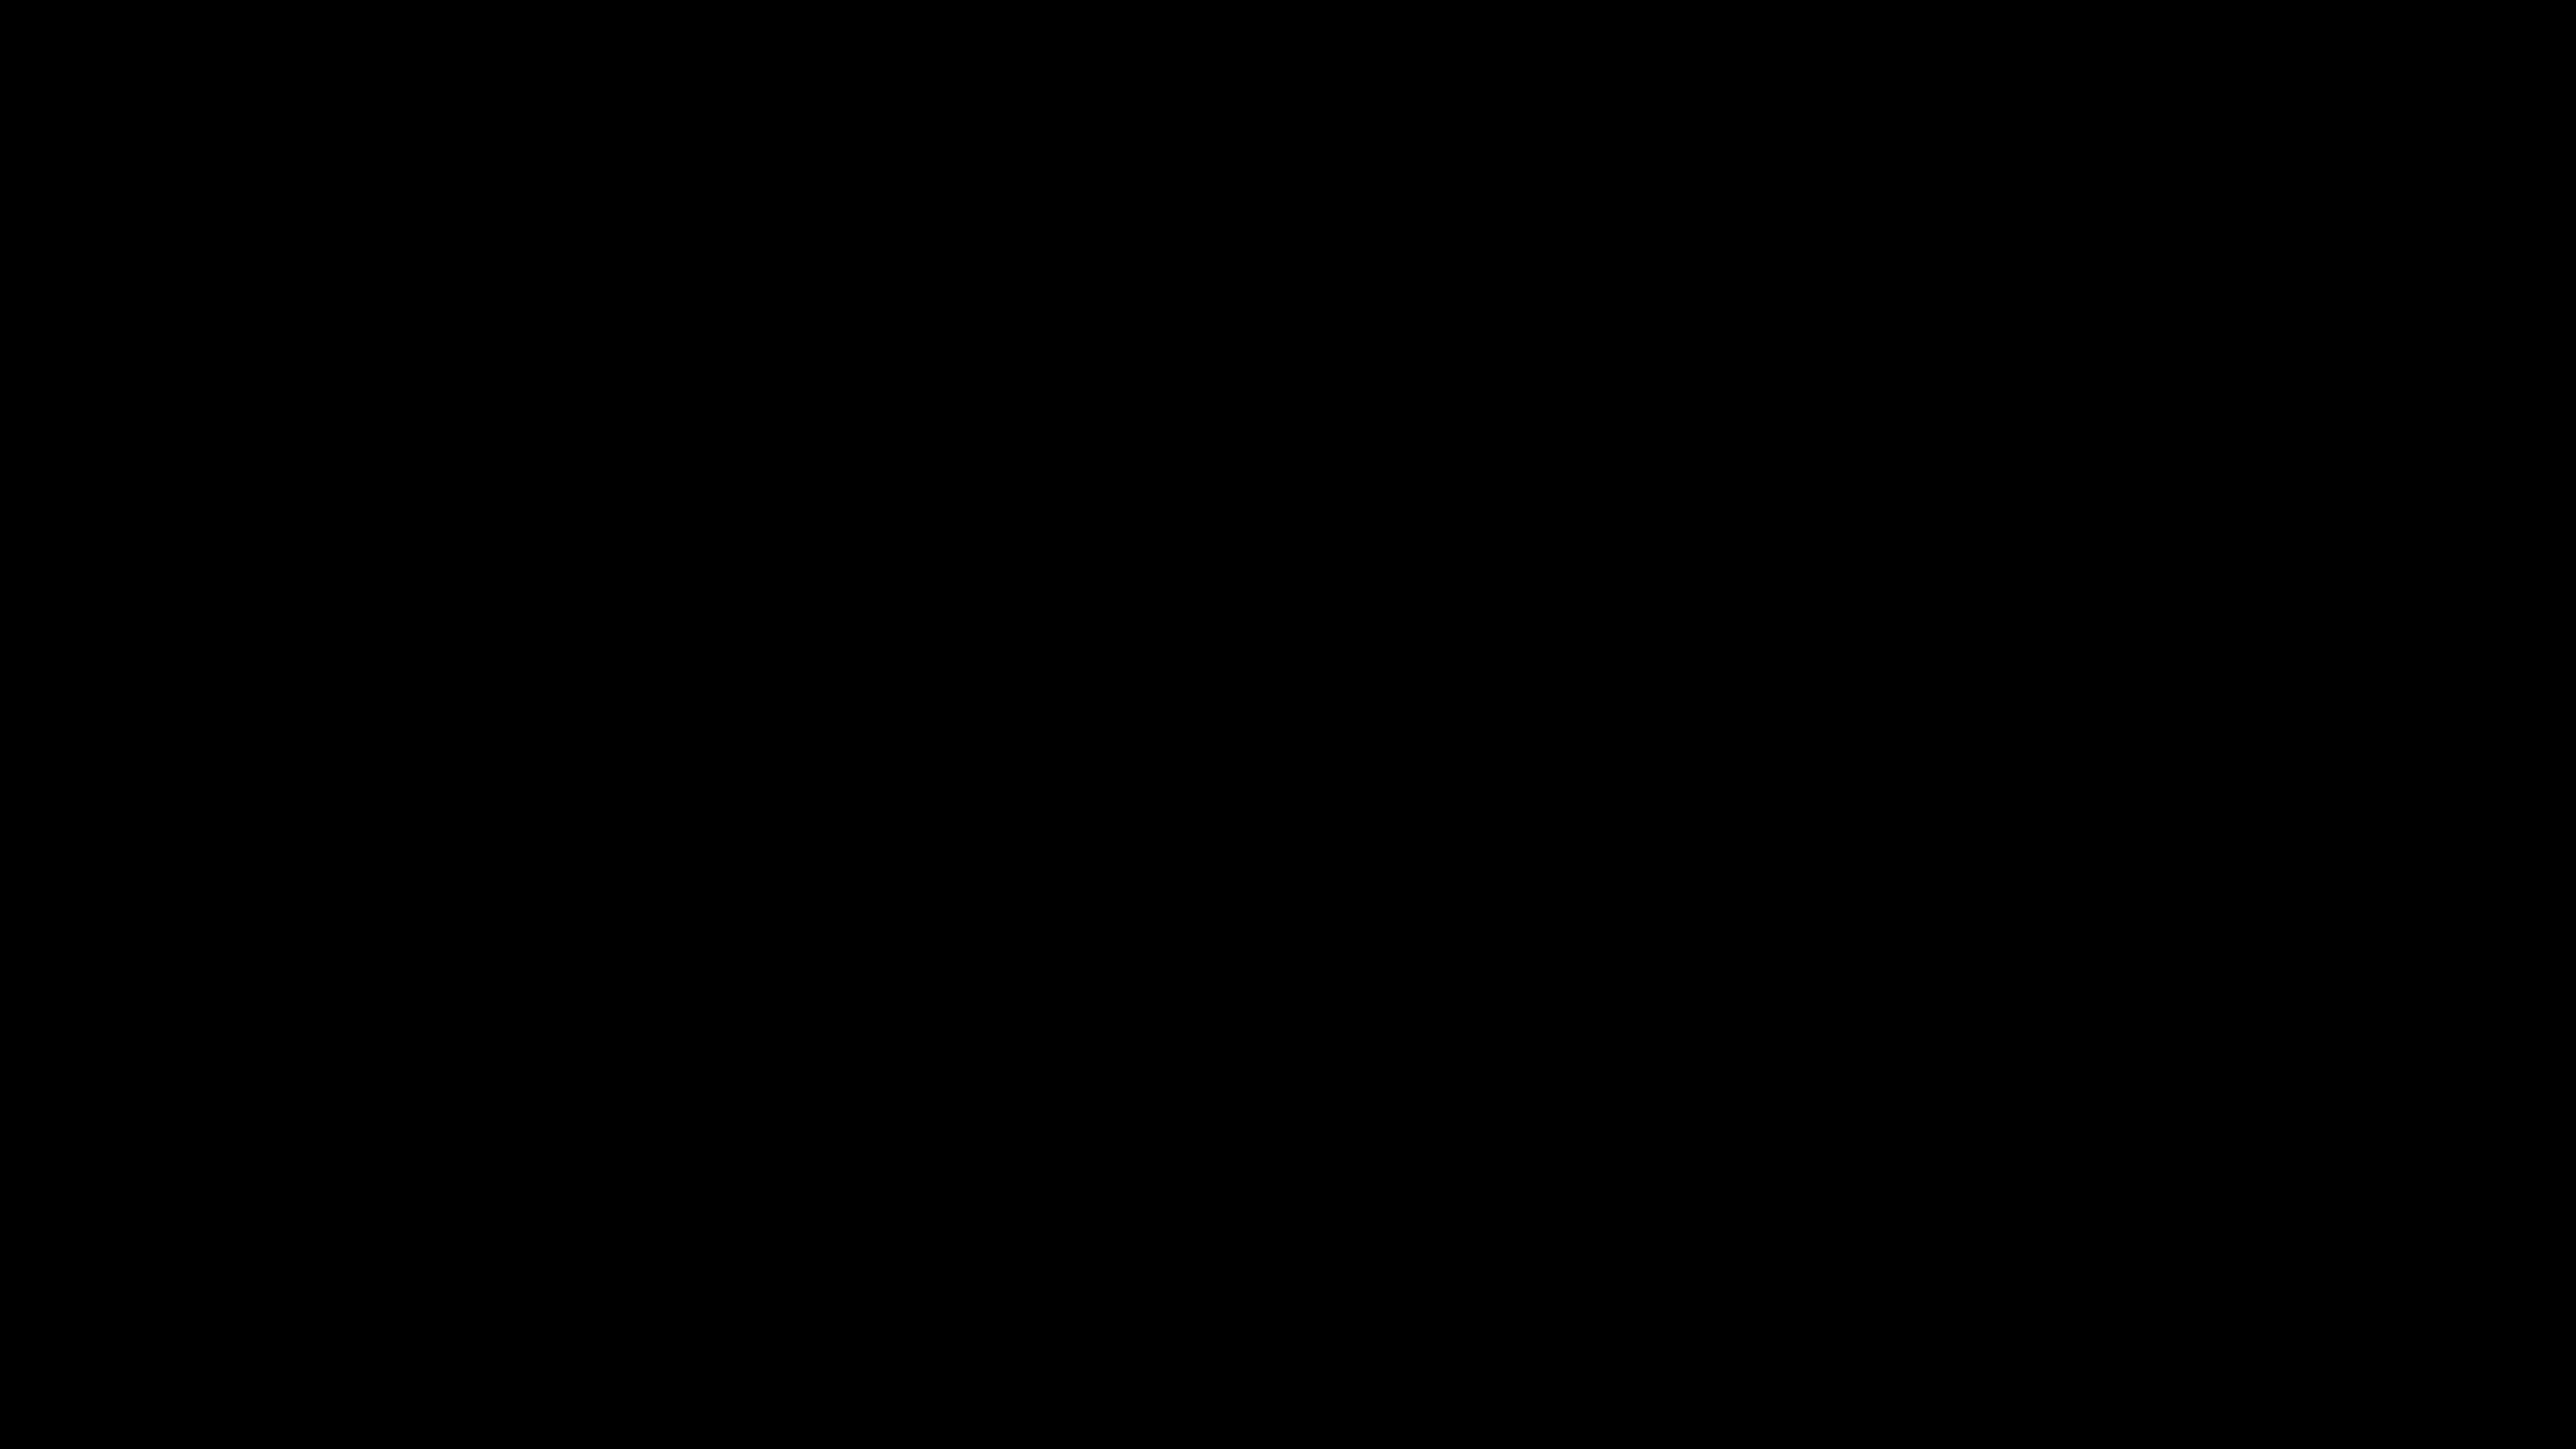 200806-afigeo-logo-CMJN_Afigeo_Logo_Baseline